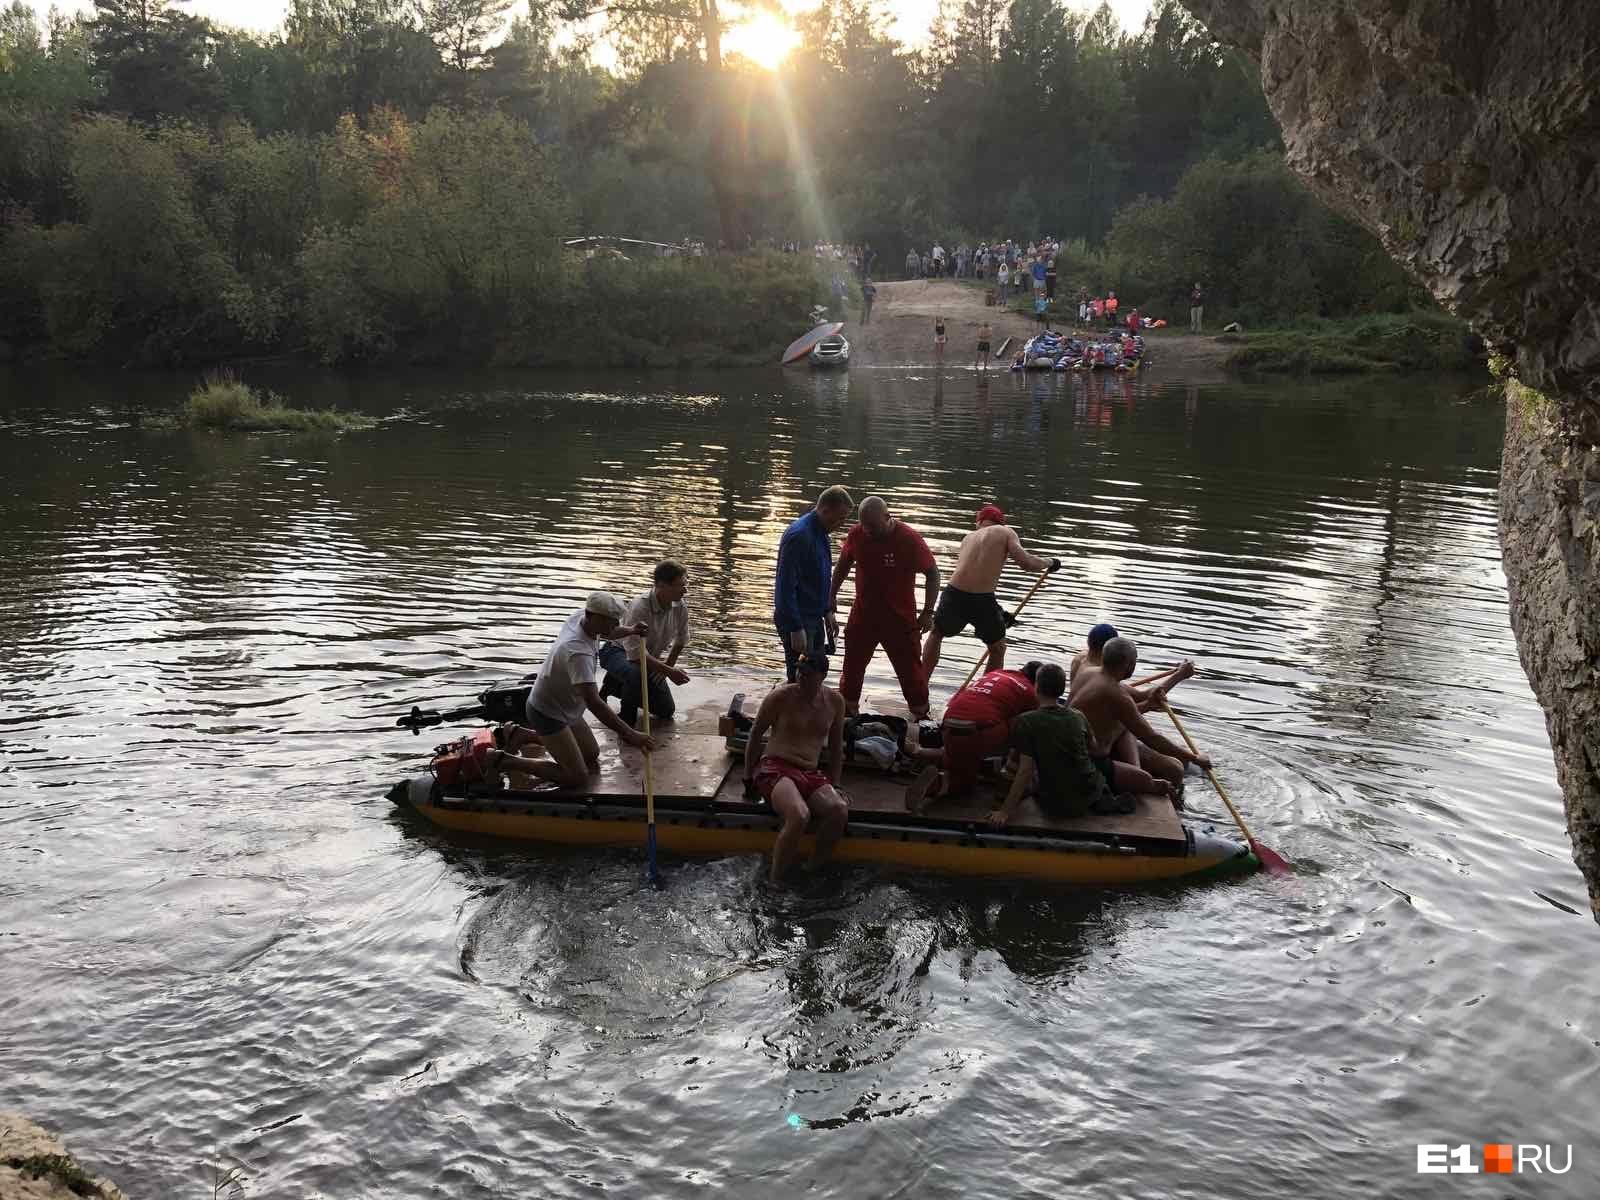 Чтобы добраться до пострадавшей, нужно было переправиться через реку